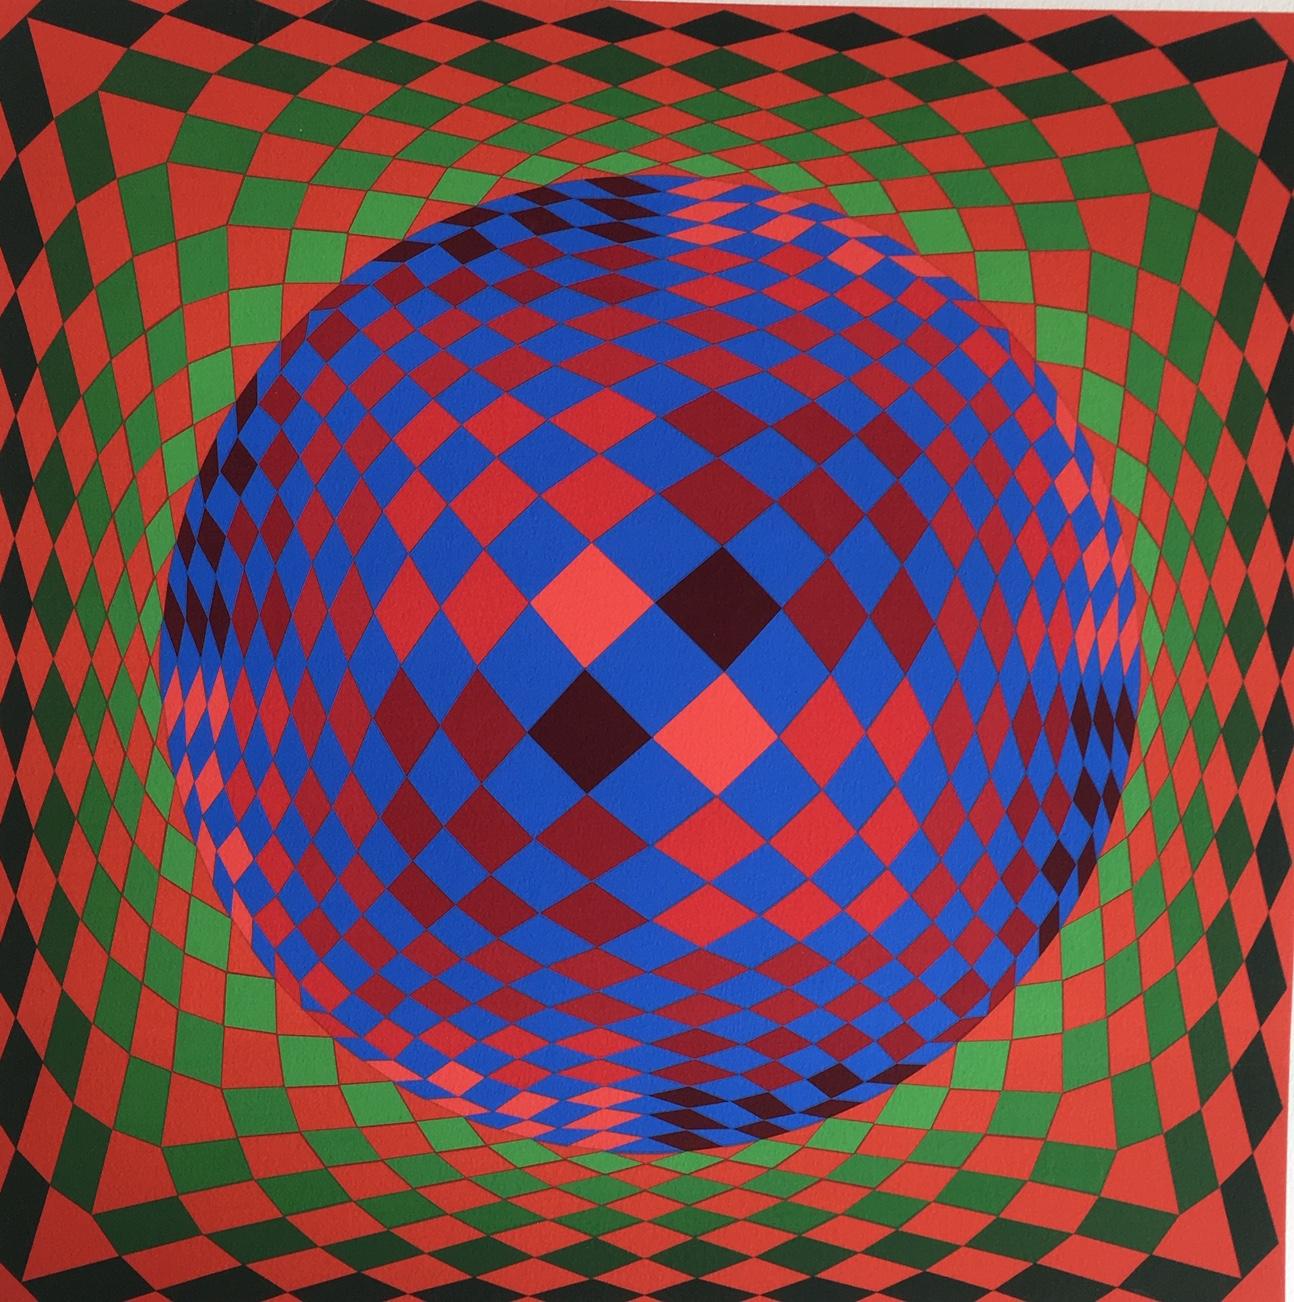 Victor Vasarely: Vega III